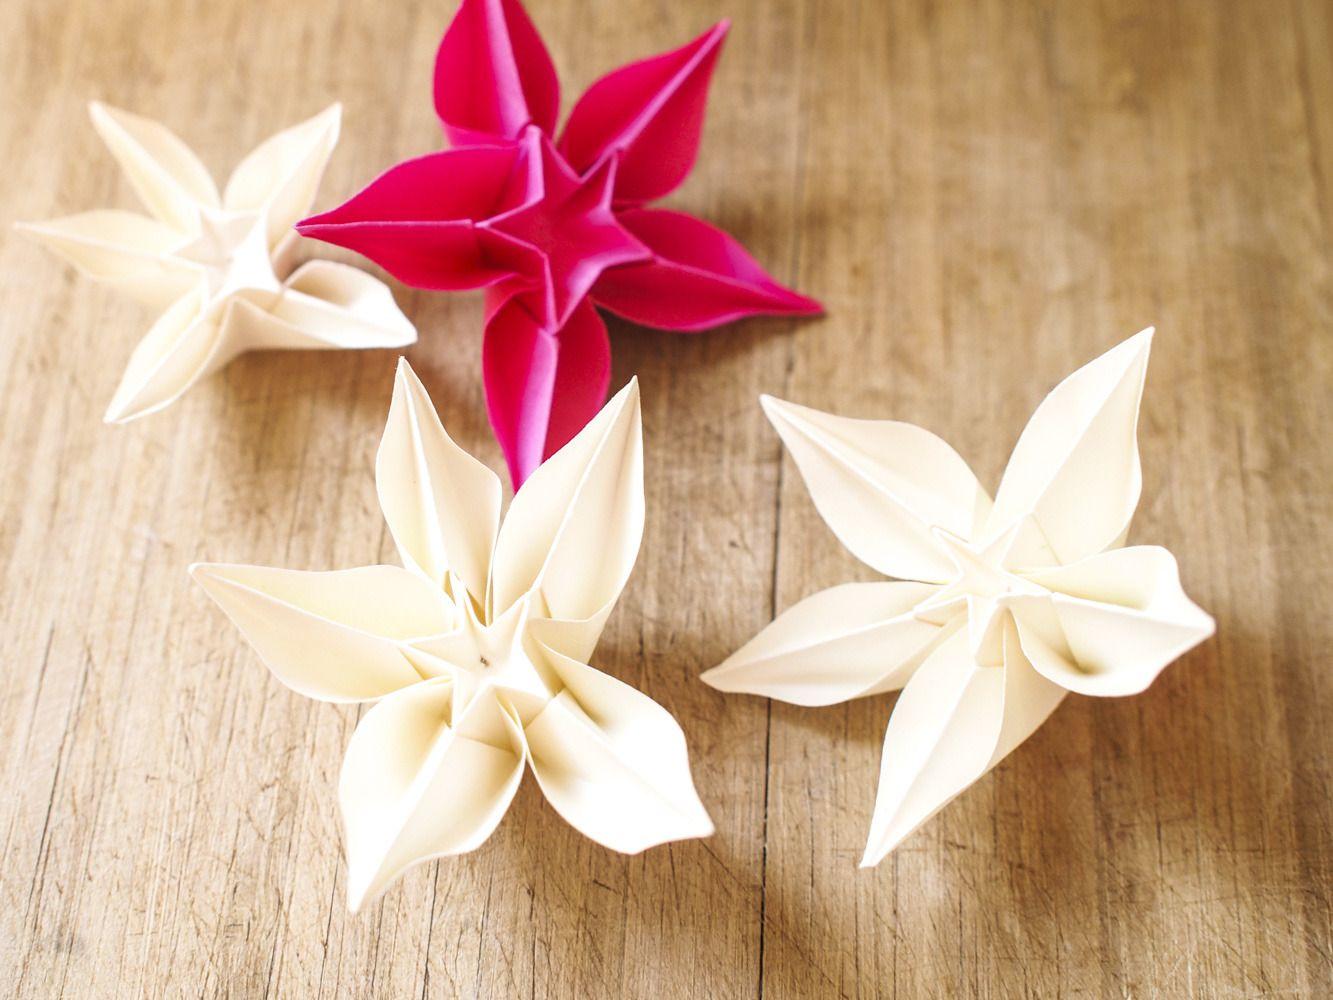 D coration de table en origami fleurs exotiques mariage et autres v nements accessoires de - Pliage serviette en etoile ...